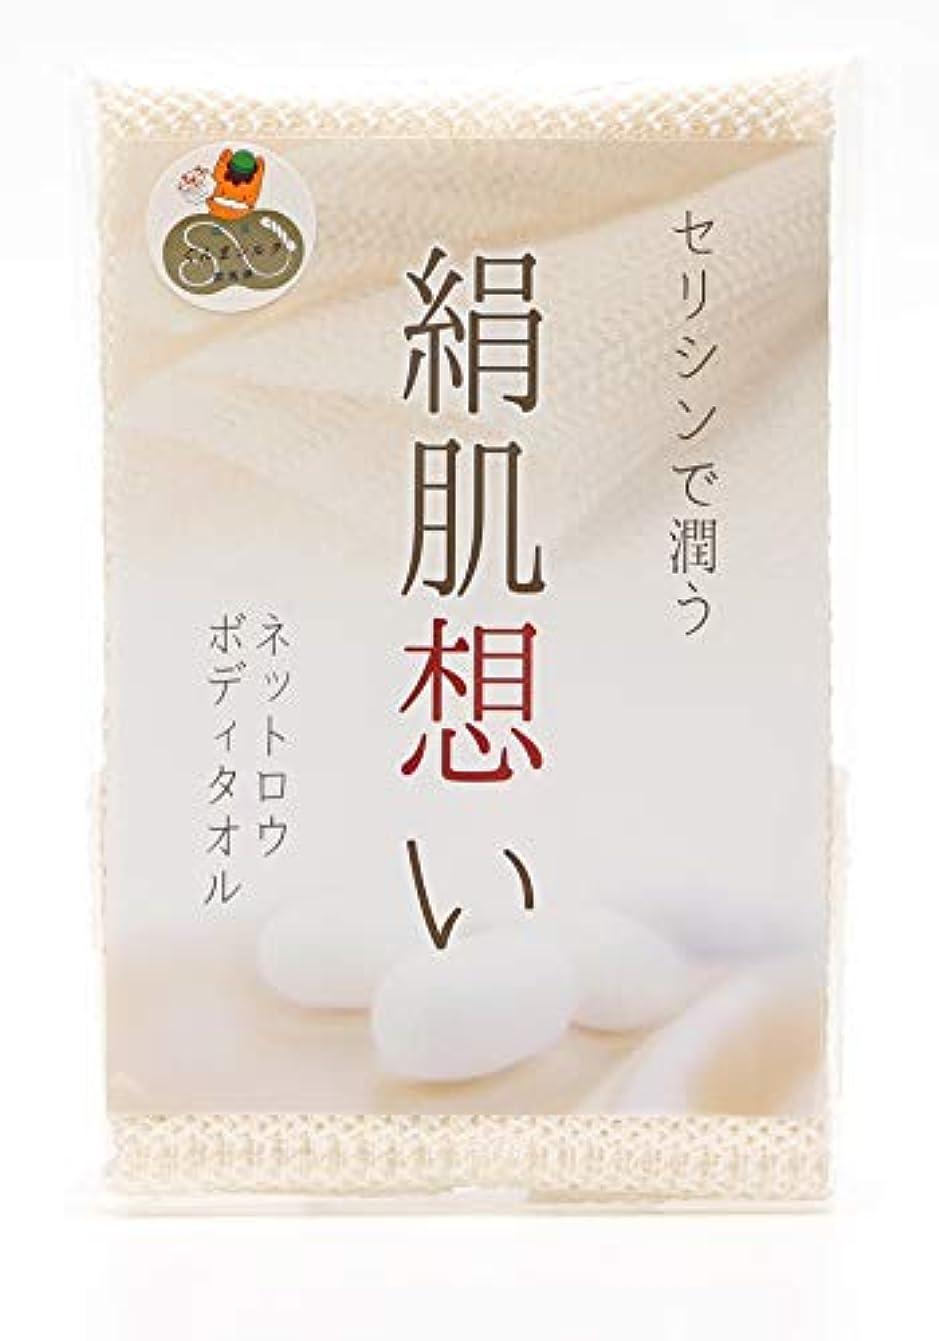 化粧袋注釈[ハッピーシルク] シルクボディータオル 「絹肌想い 」浴用ボディタオル セリシンで潤う シルク100% ネットロウ